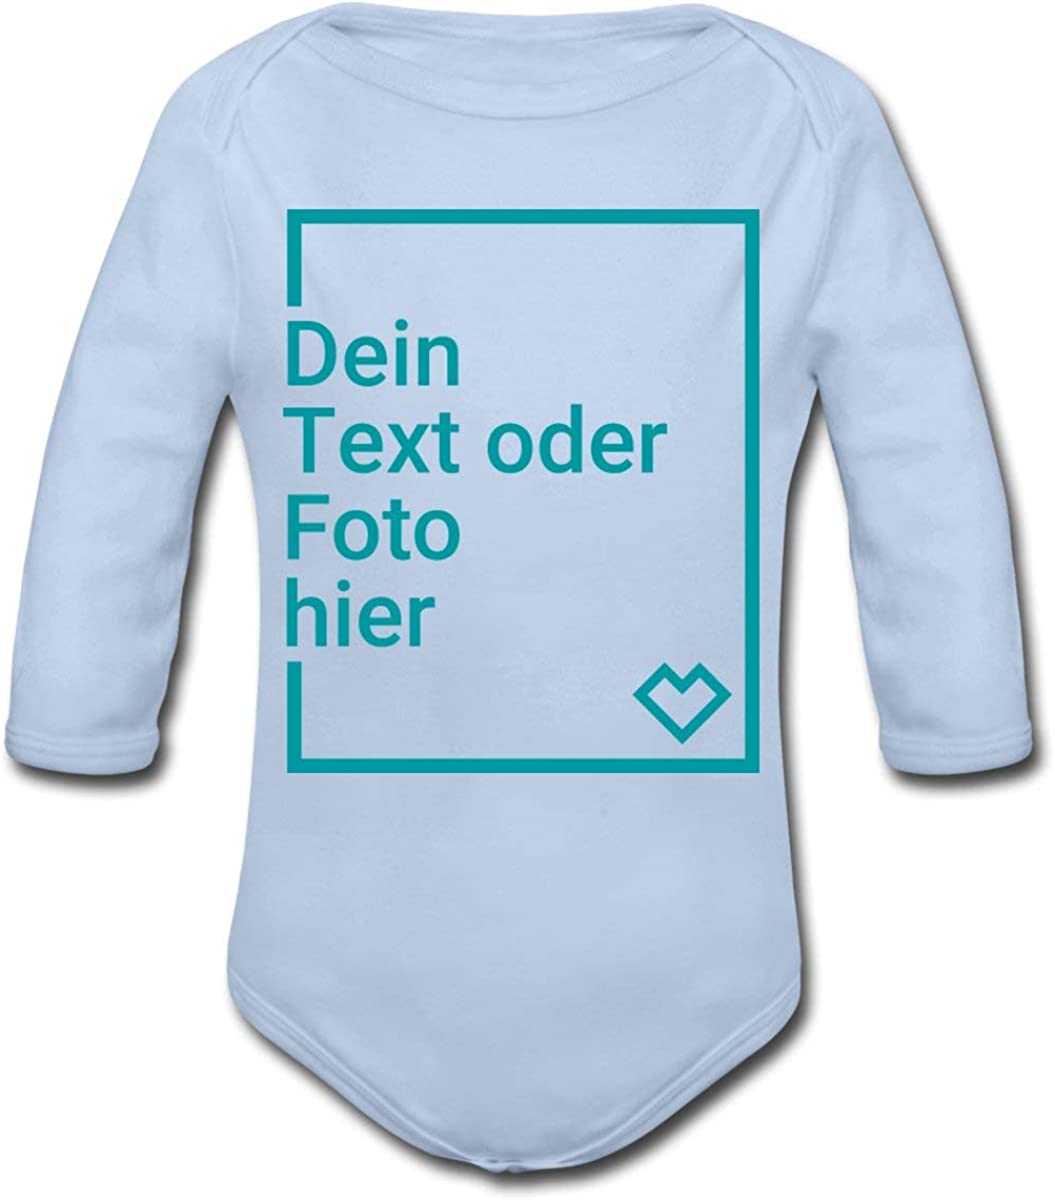 Spreadshirt Personalisierbare Babygeschenke Selbst Gestalten mit Foto und Text Wunschmotiv Baby Bio-Langarm-Body